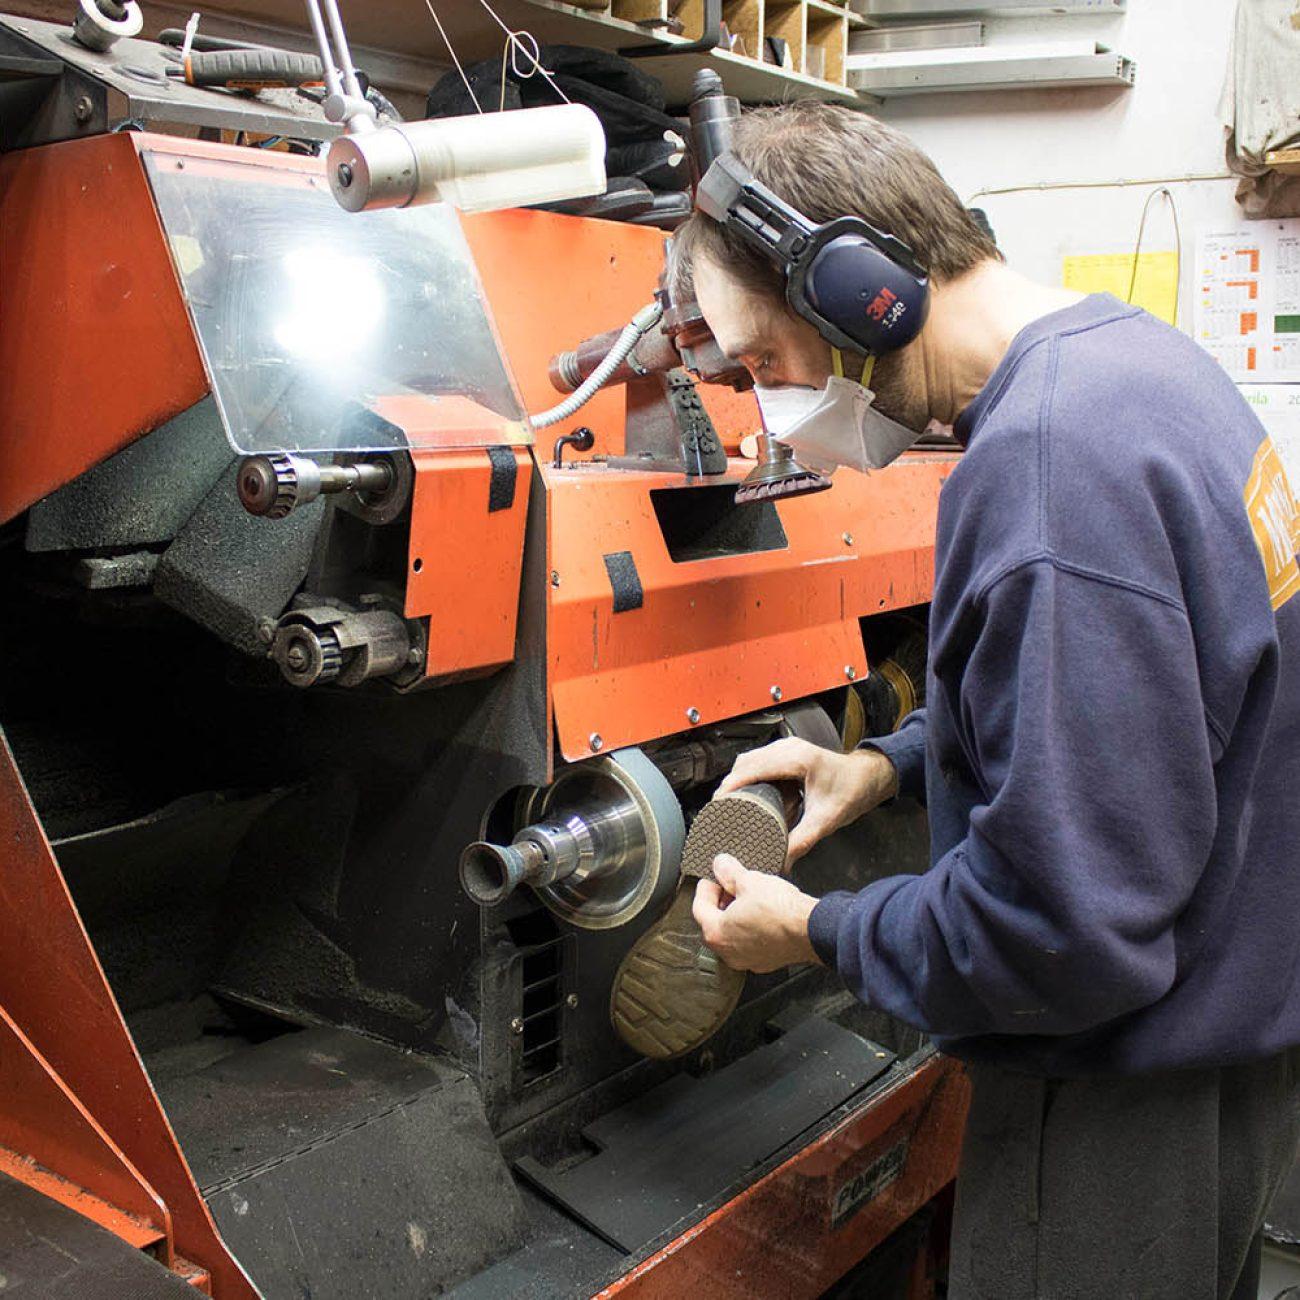 Morales Hnos. reparación de calzado y copias de llaves en Deusto